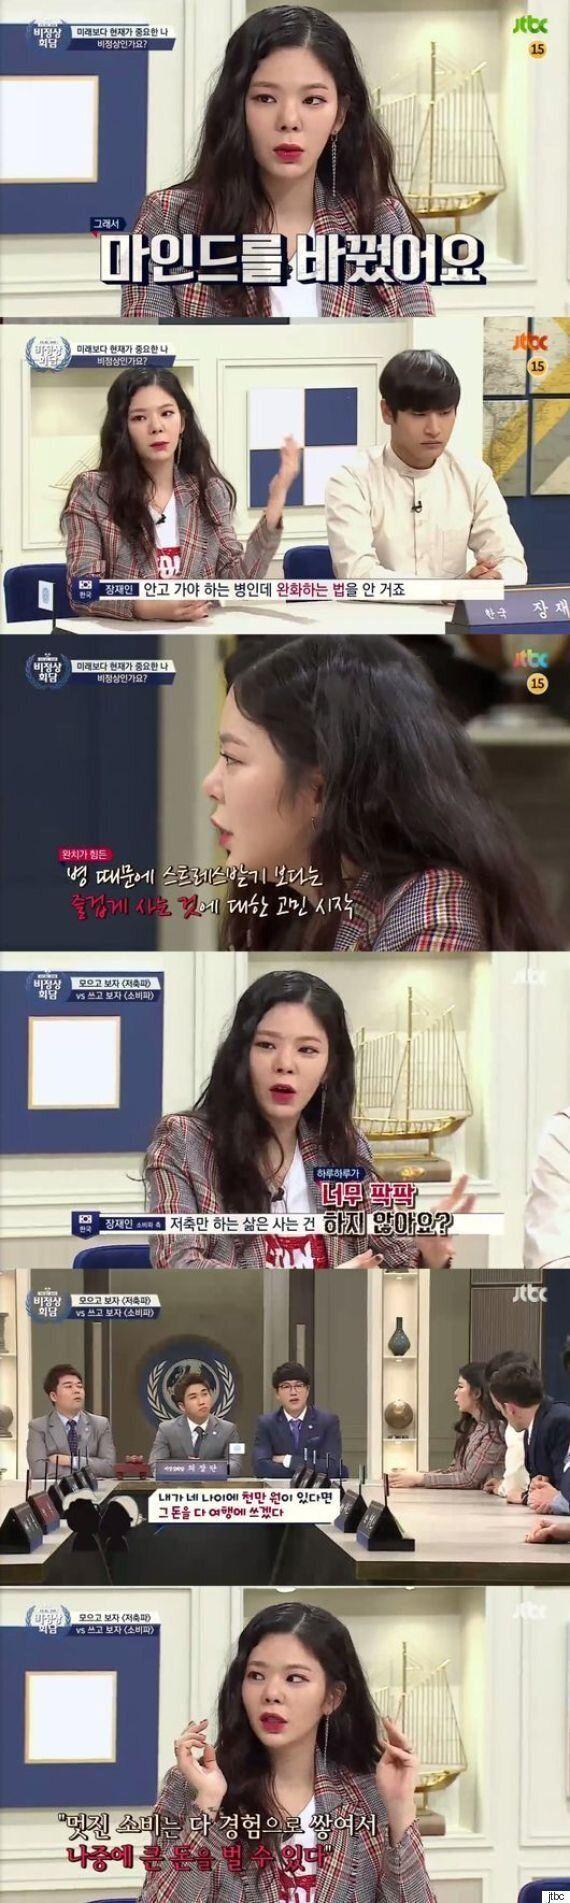 [어저께TV] '비정상회담' 장재인, 투병고통 이겨내는